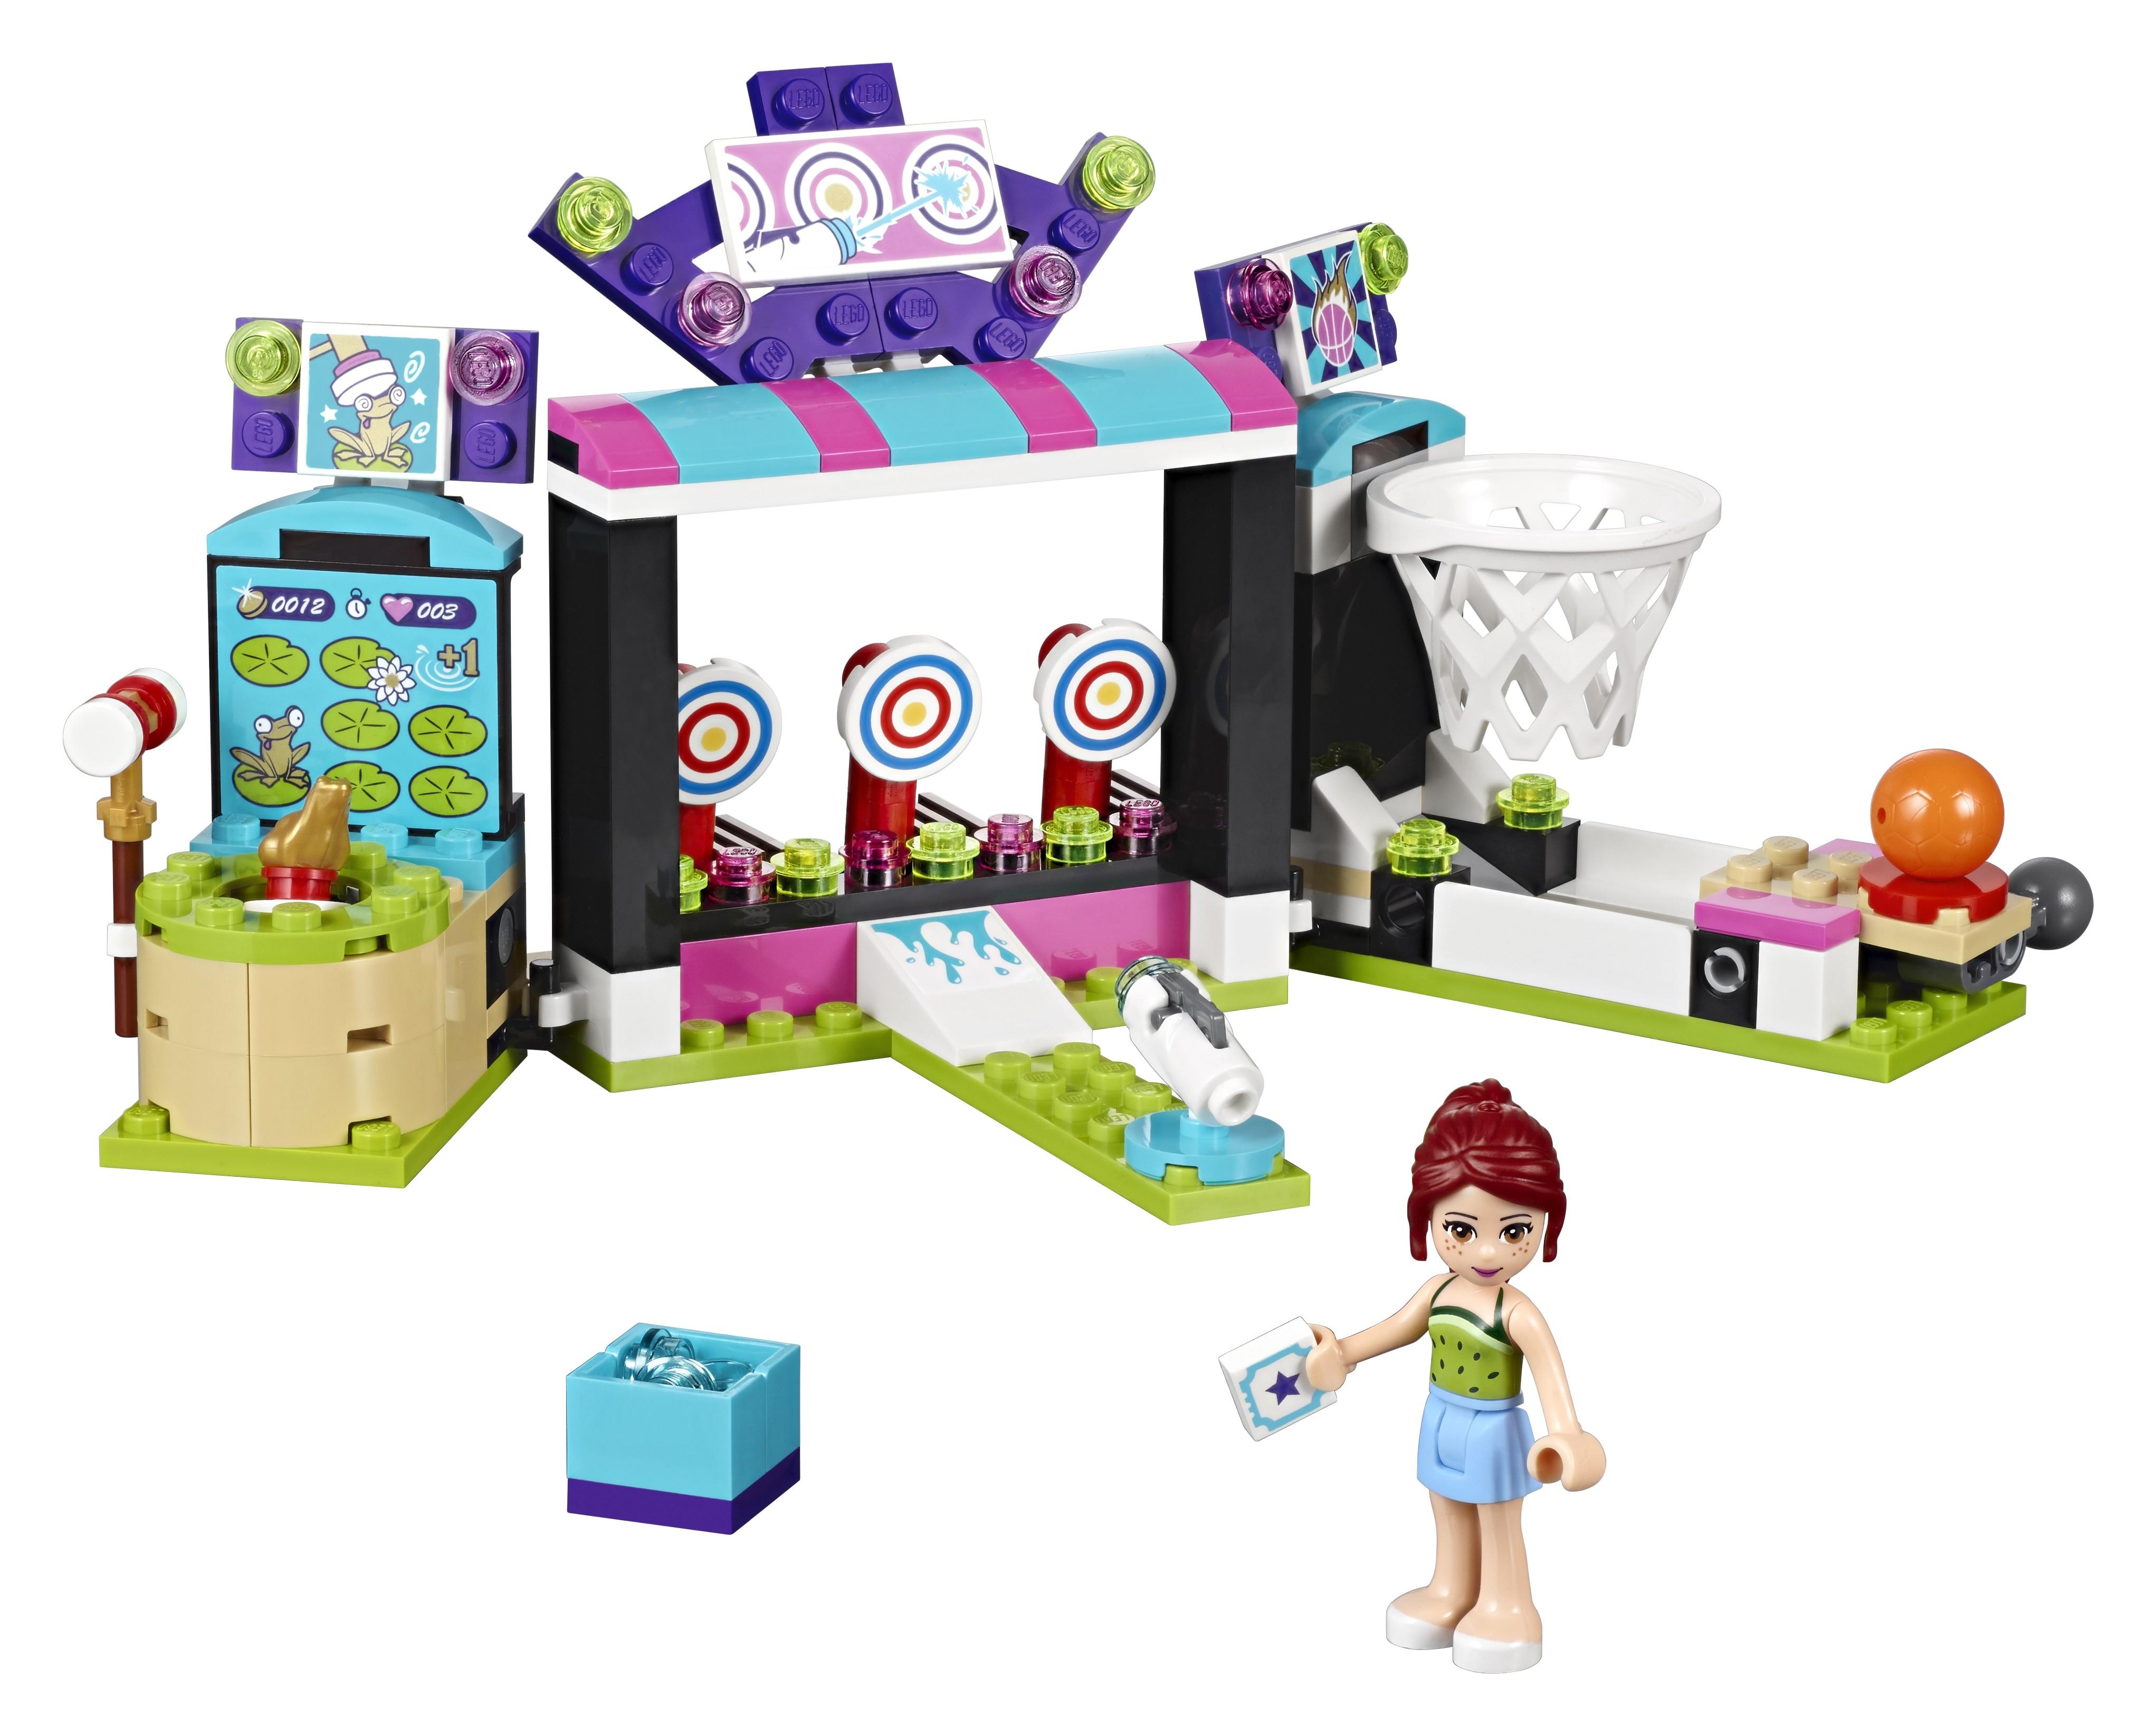 LEGO LEGO 41127 Парк развлечений: игровые автоматы панкова м а энциклопедия детских развлечений 6